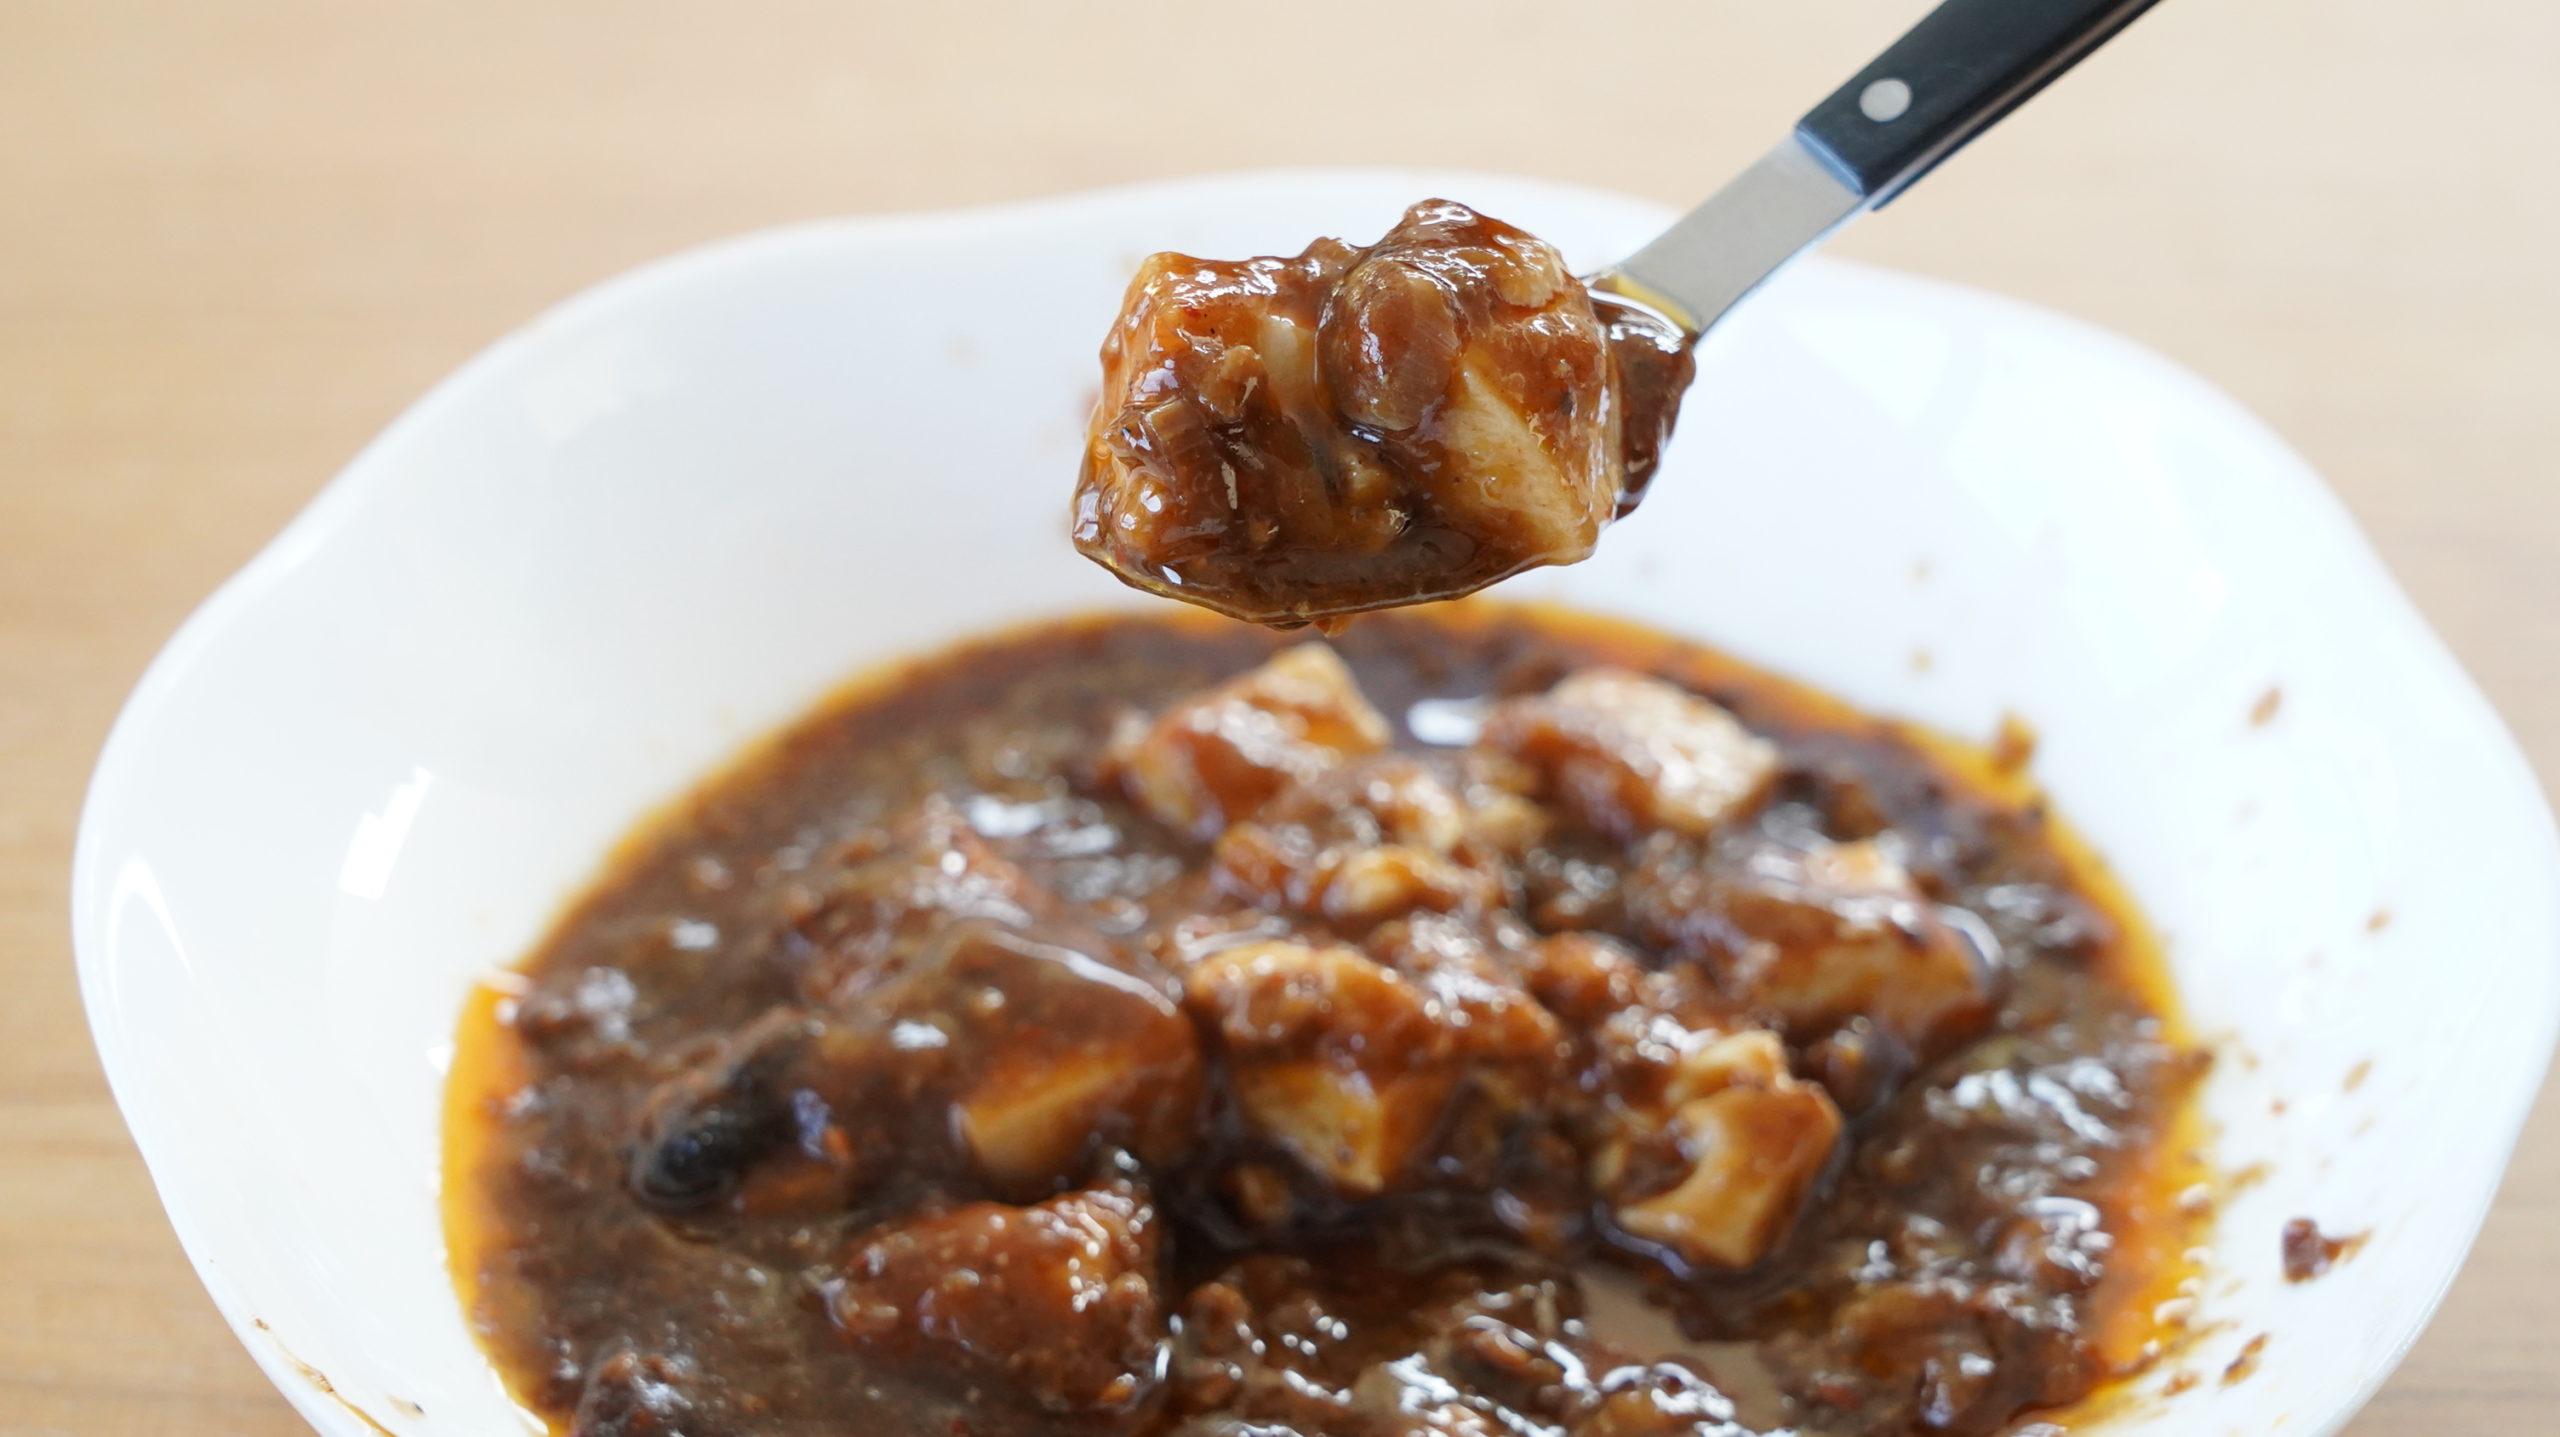 ローソンの冷凍食品「四川風麻婆豆腐」の麻婆豆腐をスプーンですくっている写真